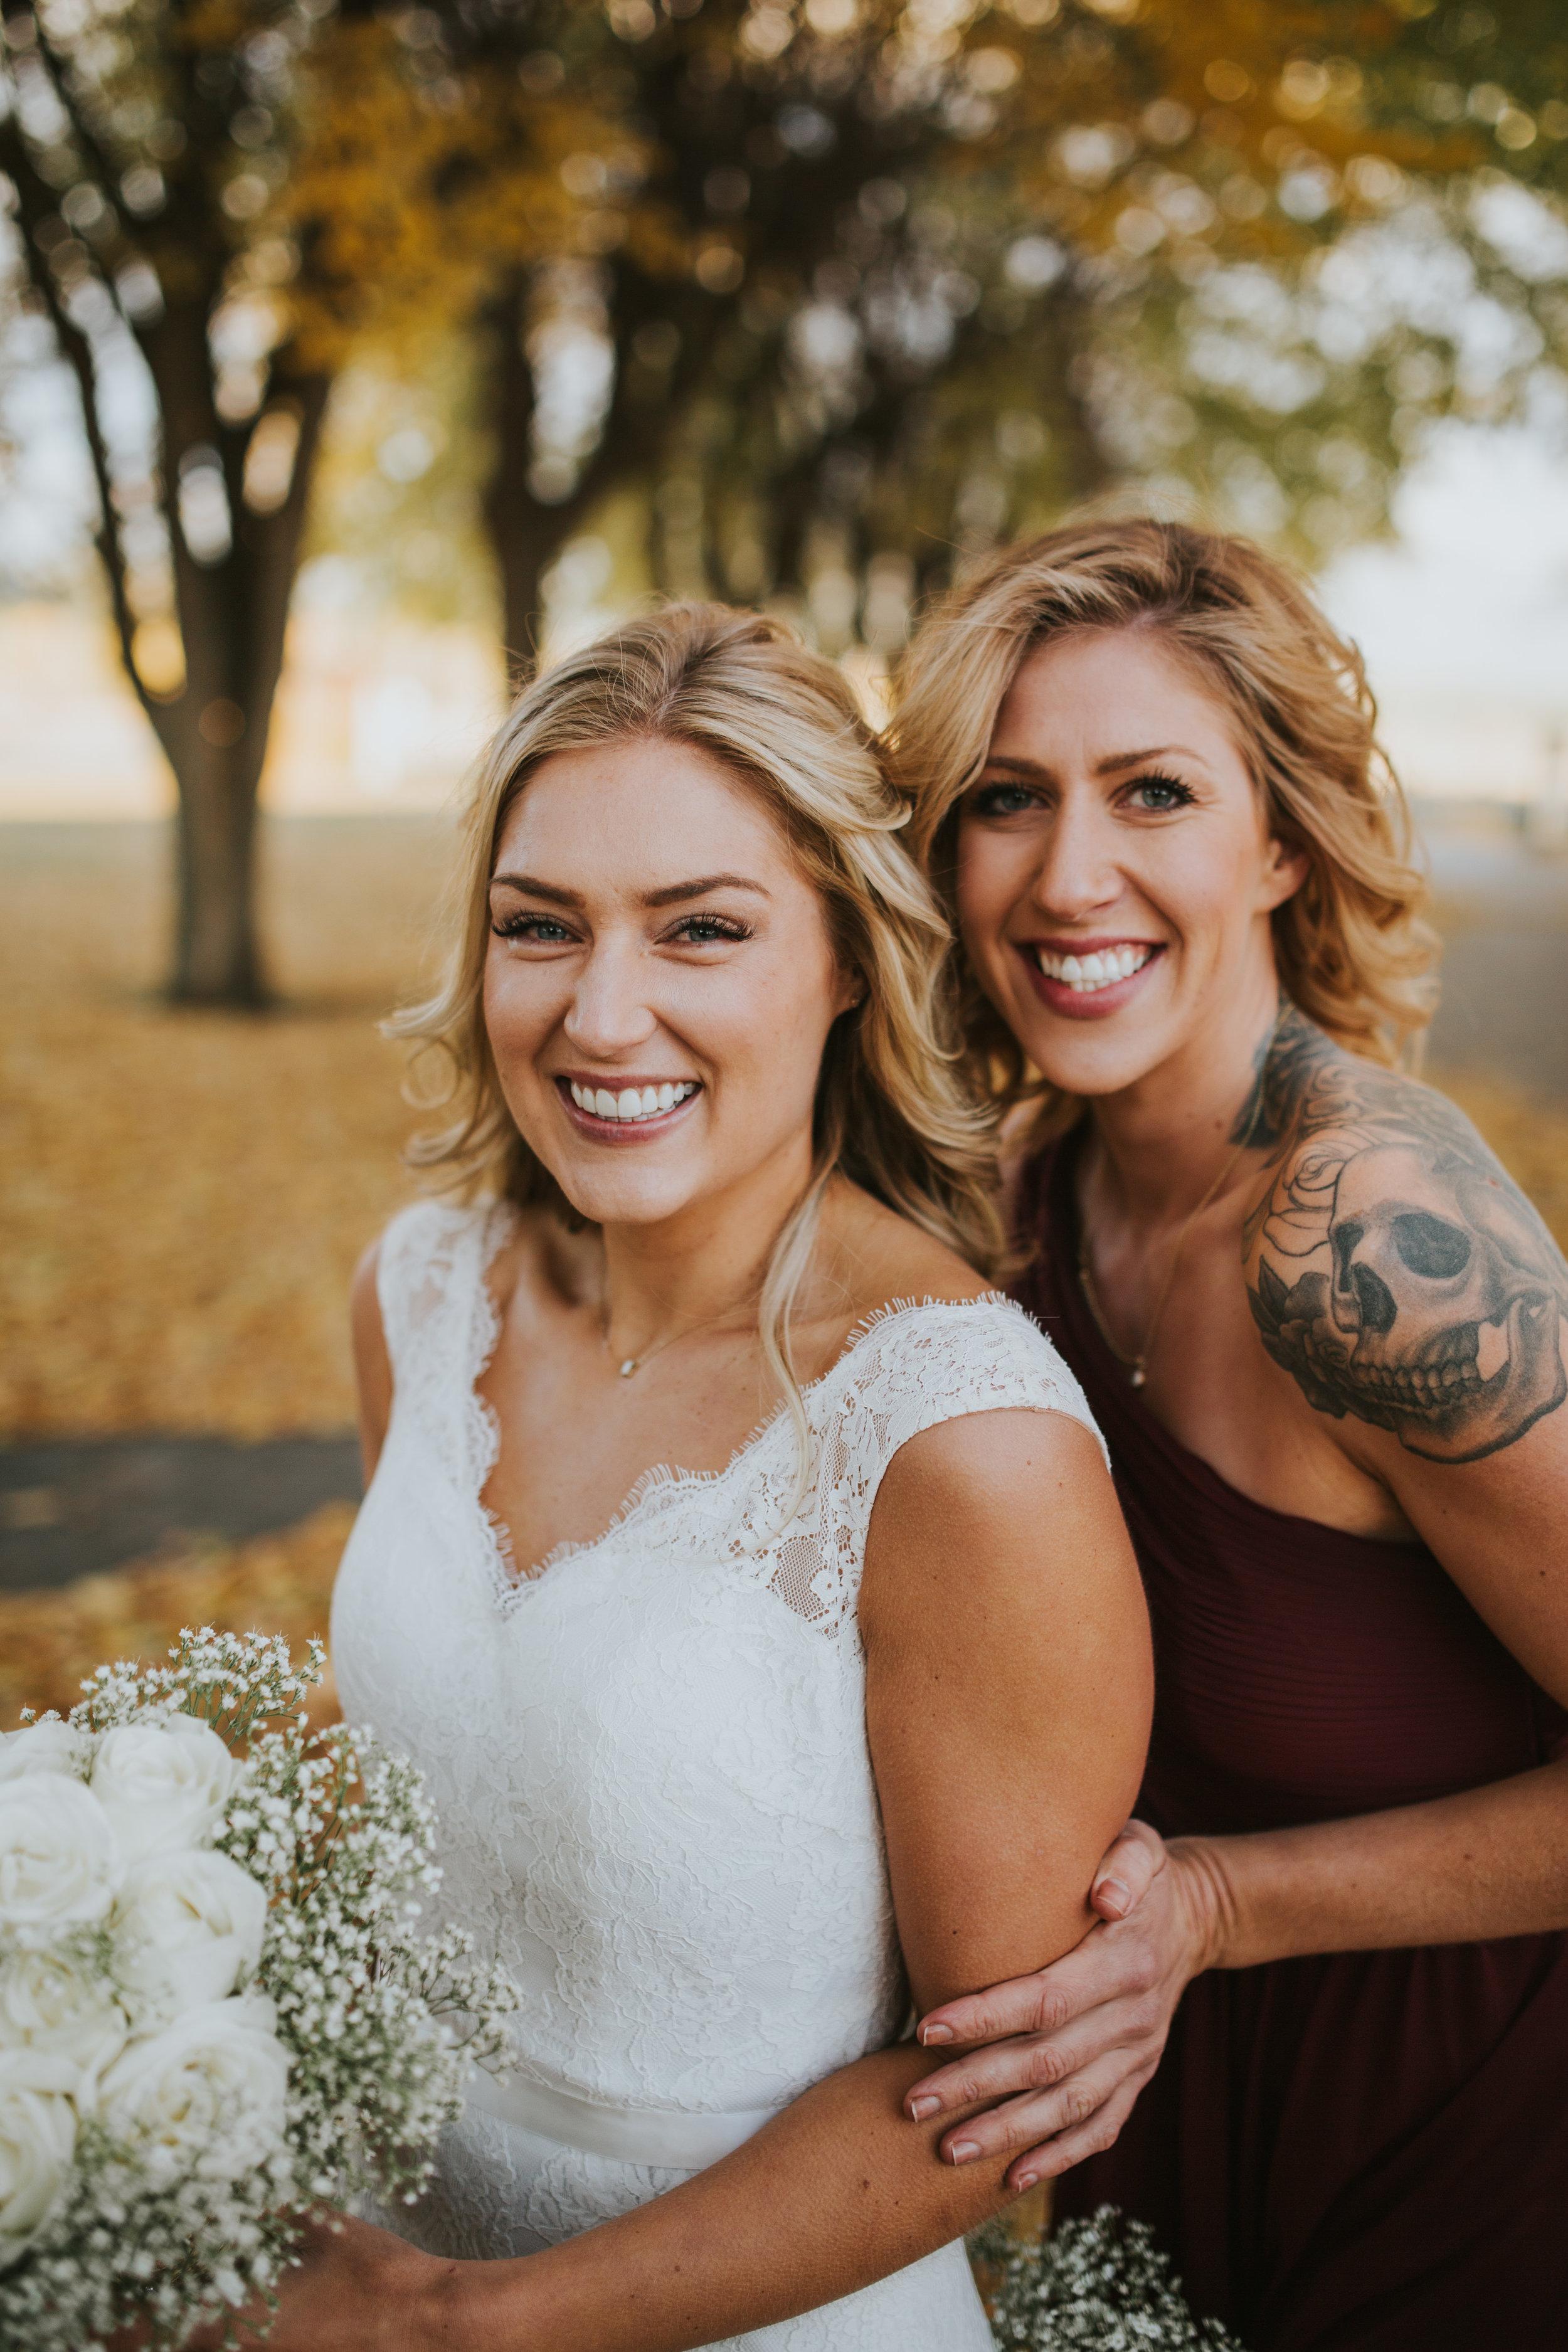 Lindsay + Kara 2 - Bridal Portraits-194.jpg